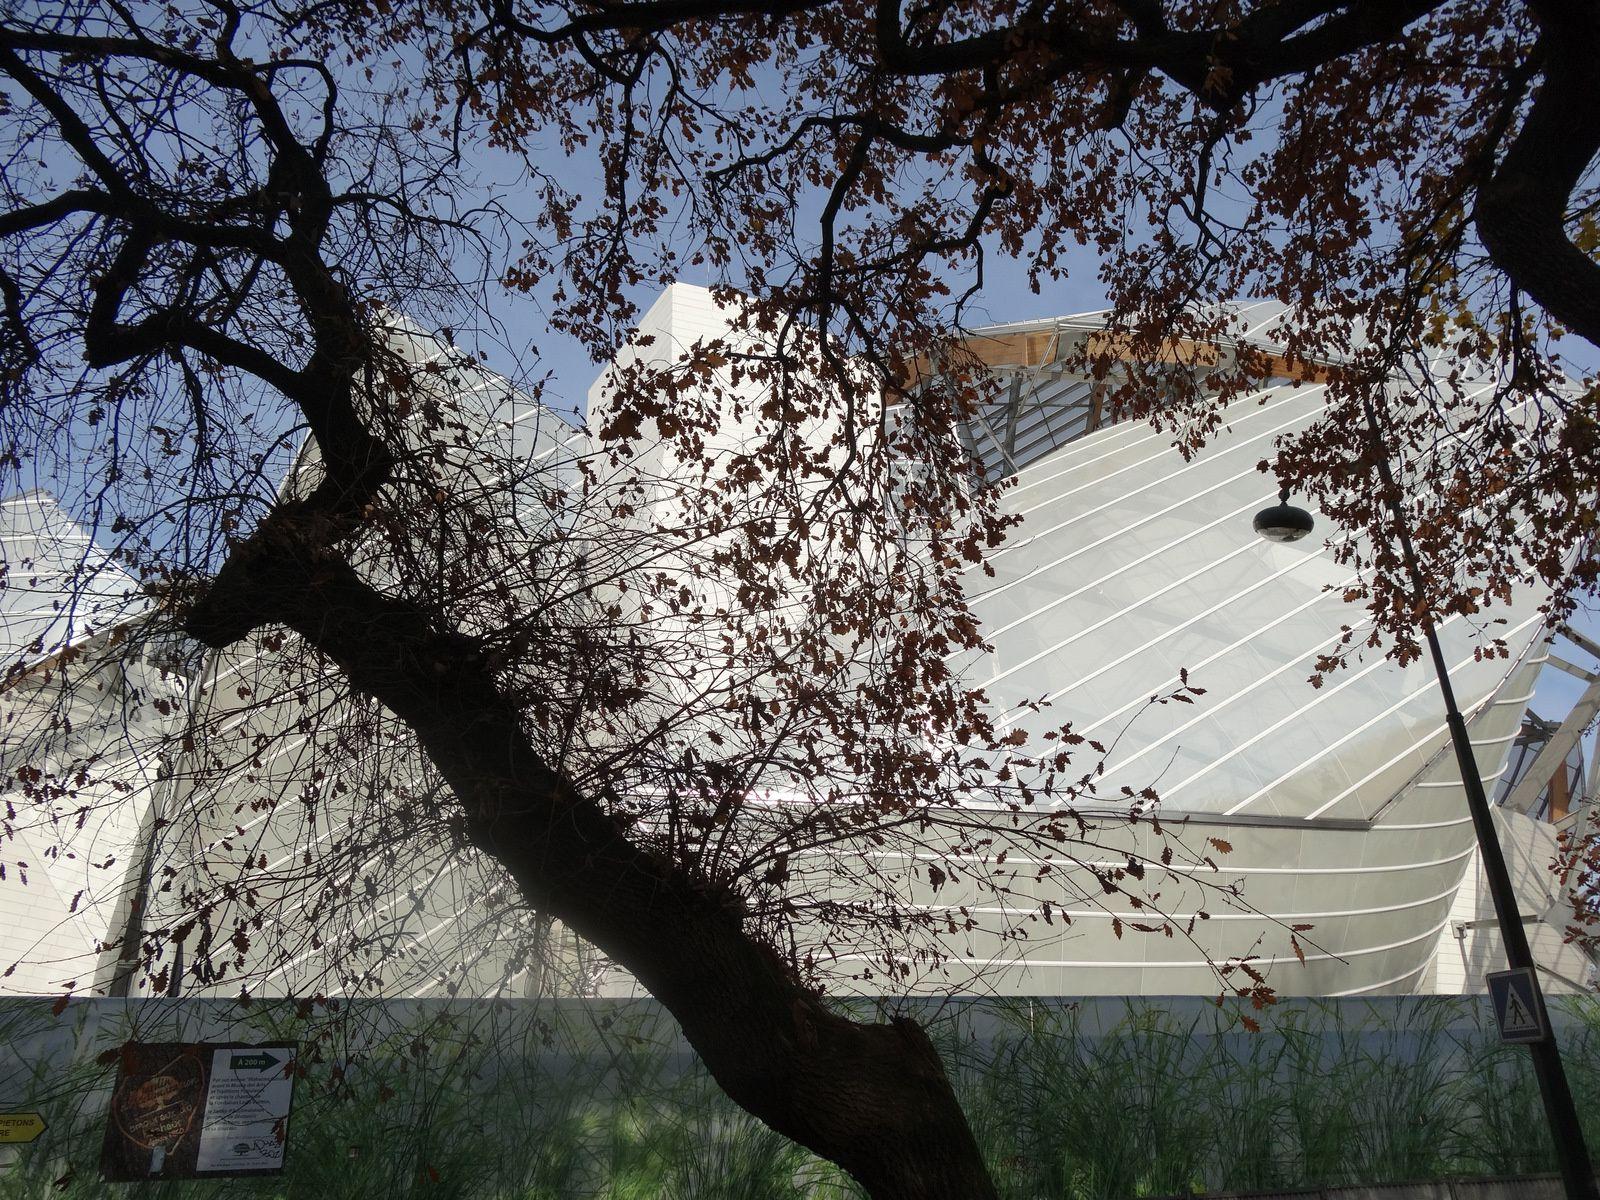 Le Musée Vuitton (Arnault - Gehry) semble achevé extérieurement